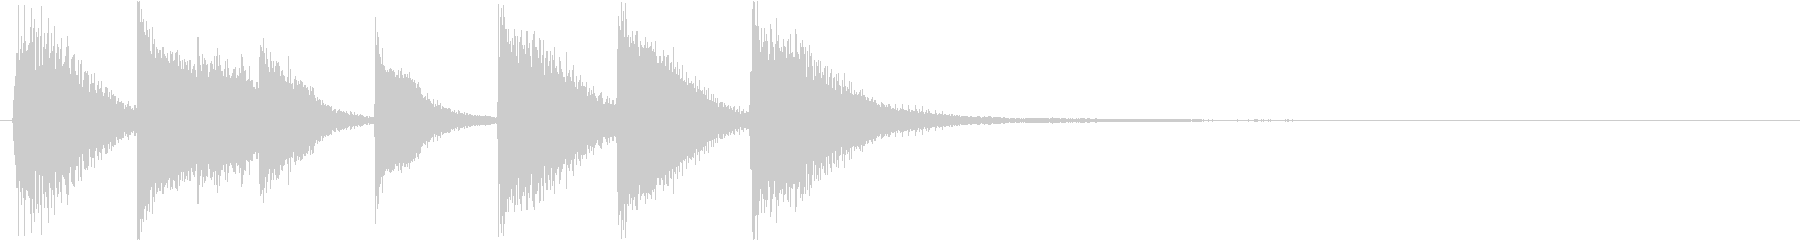 ピアノジングル 幼児向けアニメ系J-03の未再生の波形